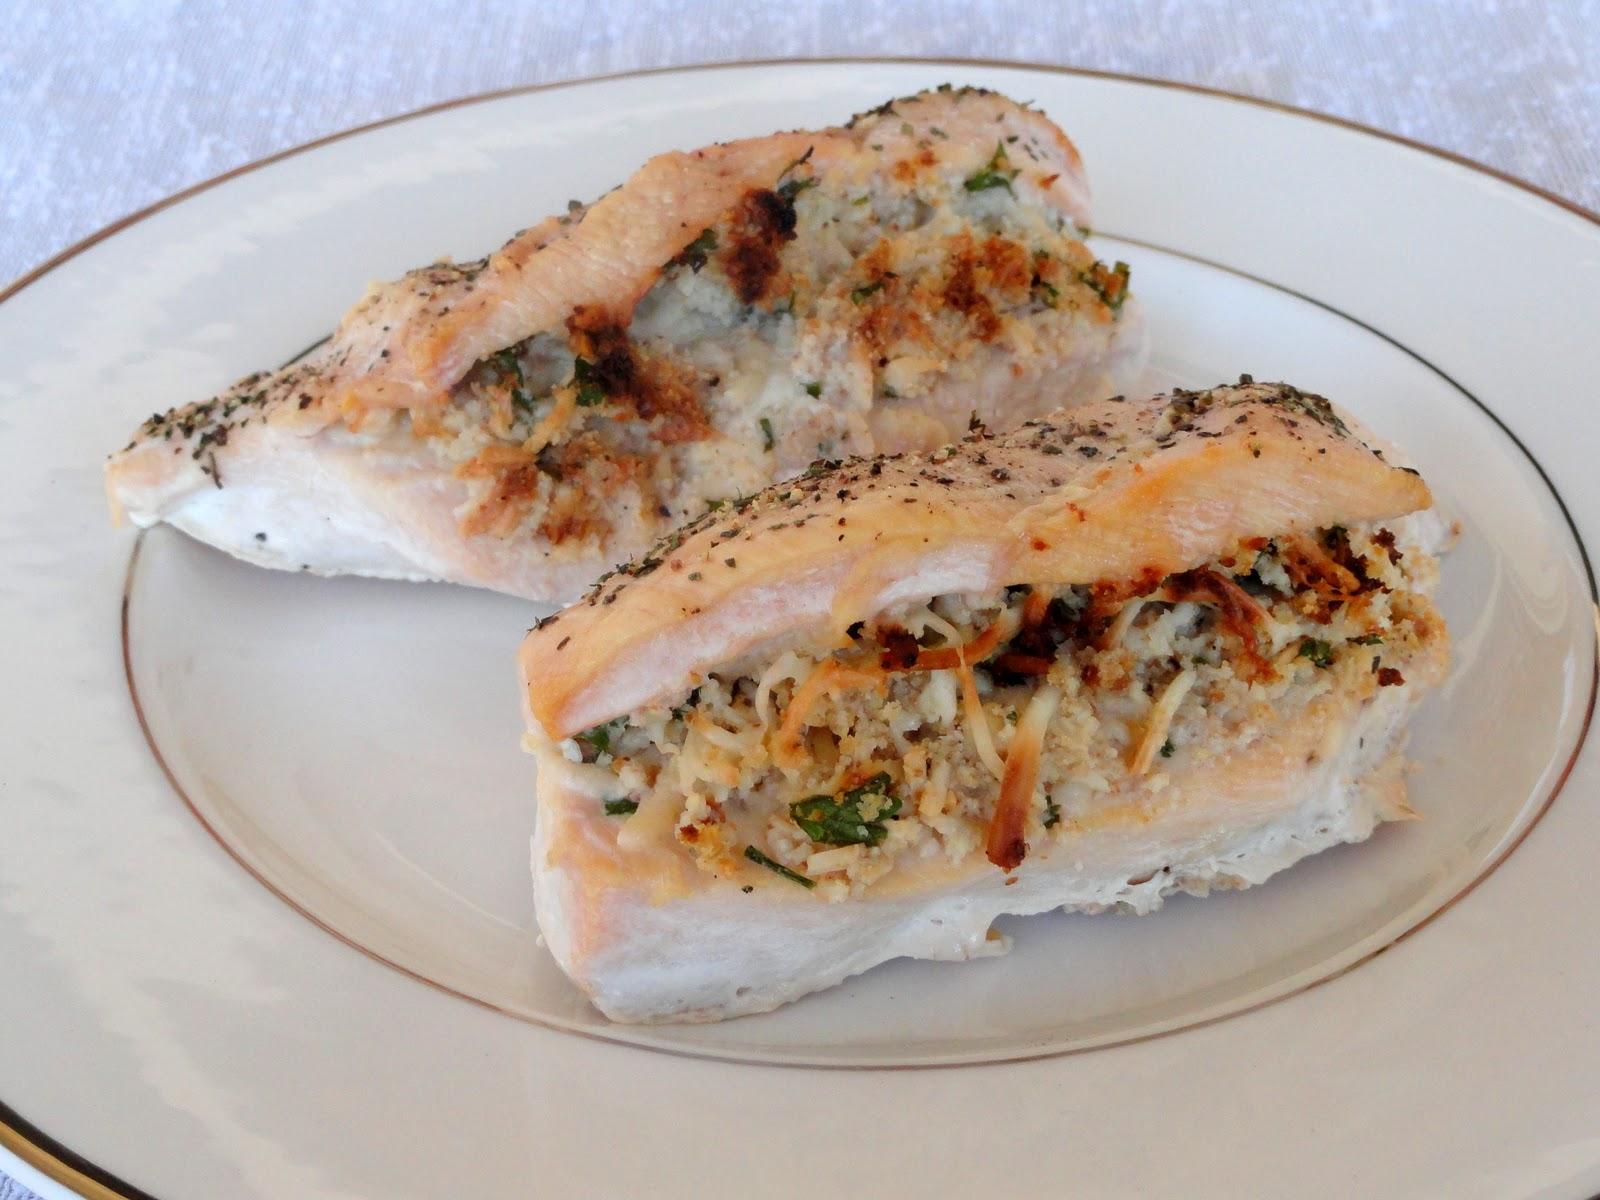 As Good As Gluten: Parmesan Stuffed Chicken